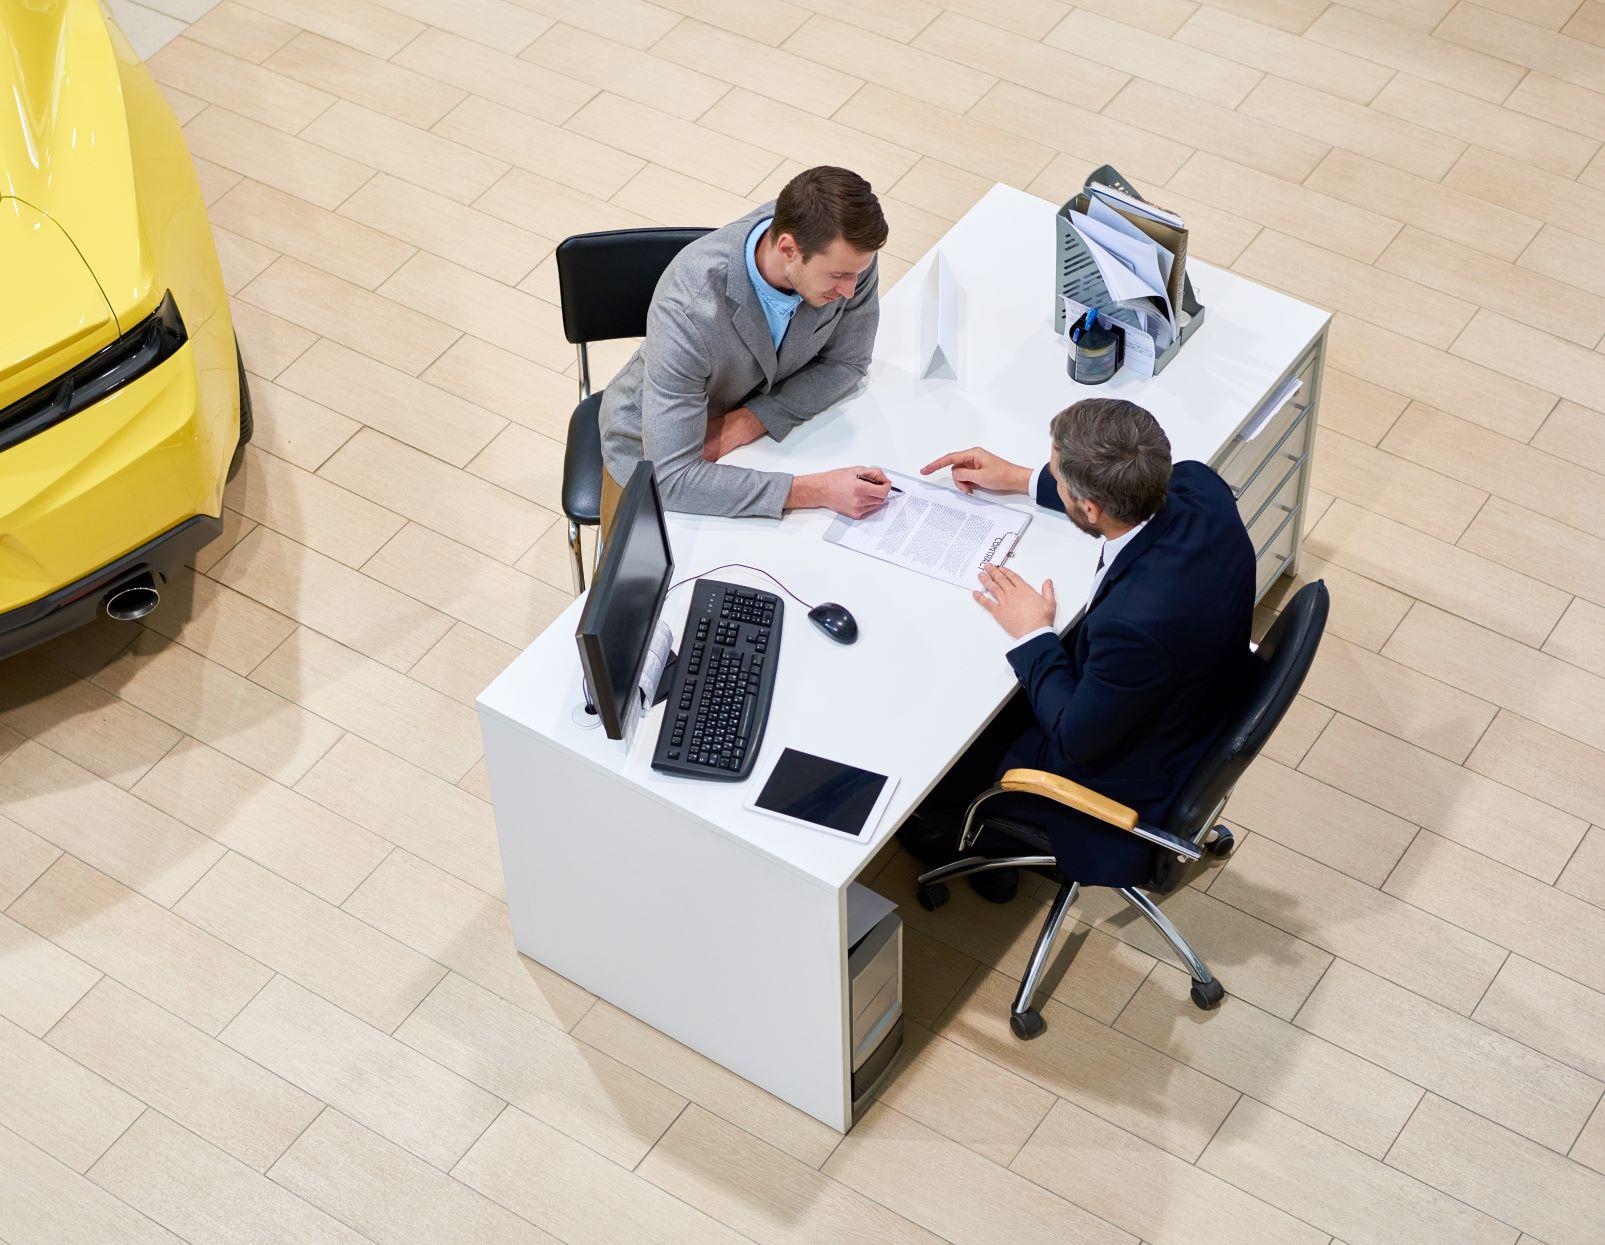 4 bonnes pratiques pour vendre des véhicules grâce au web